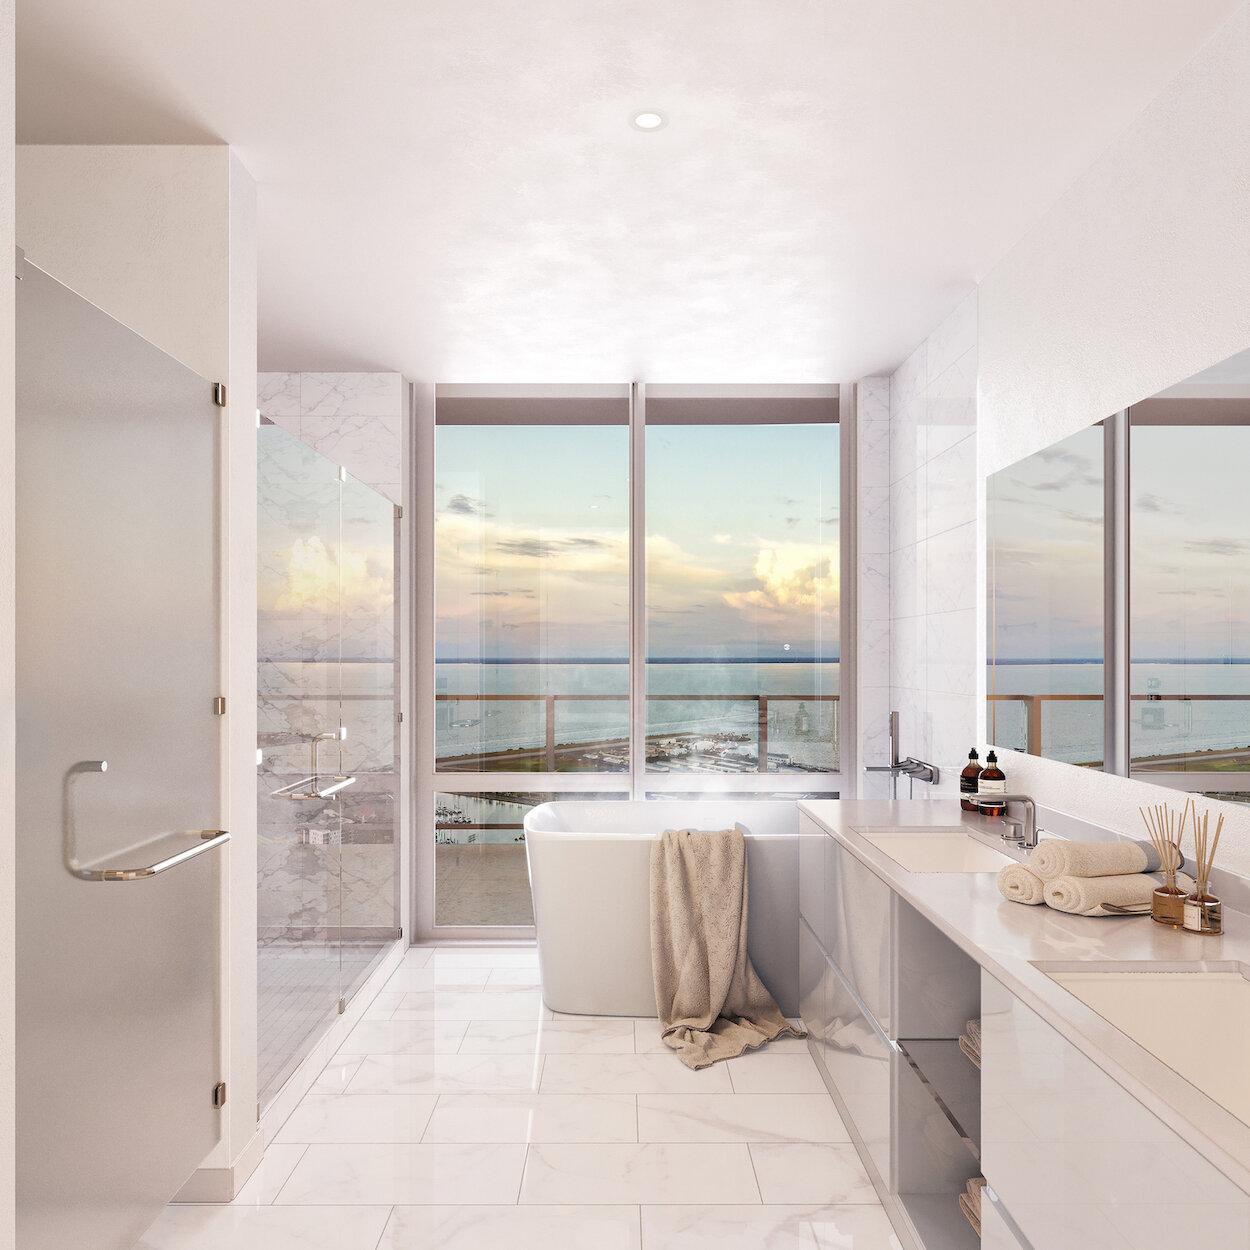 Bathroom in Condo in 400 Central St. Petersburg, FL